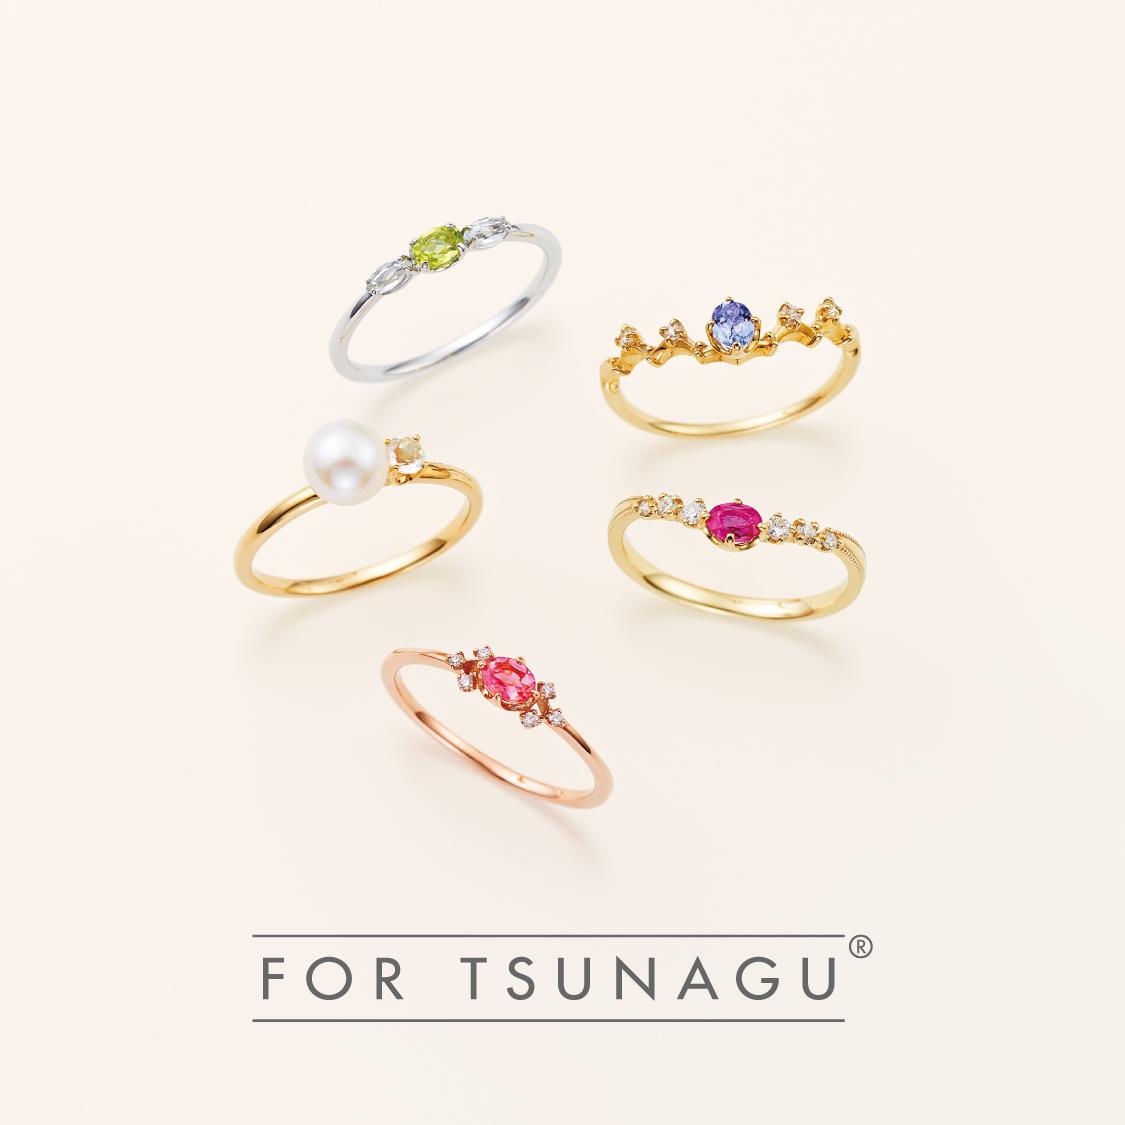 FOR TSUNAGU